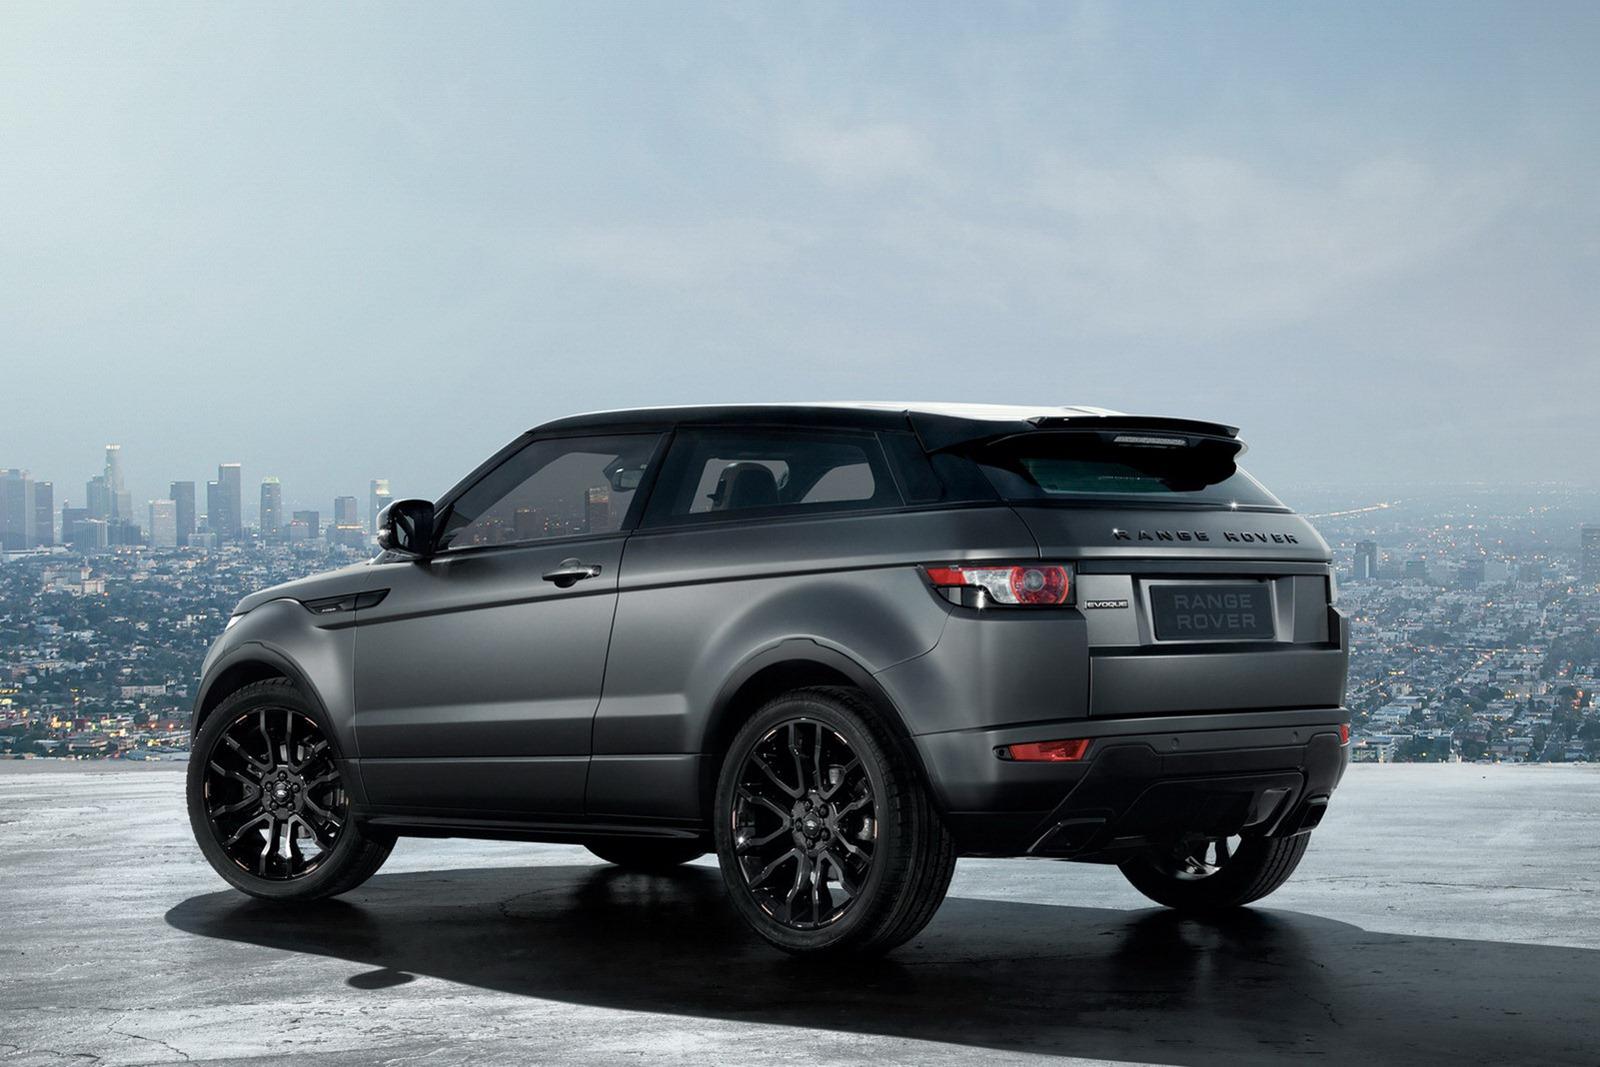 range rover evoque motor el pa s. Black Bedroom Furniture Sets. Home Design Ideas